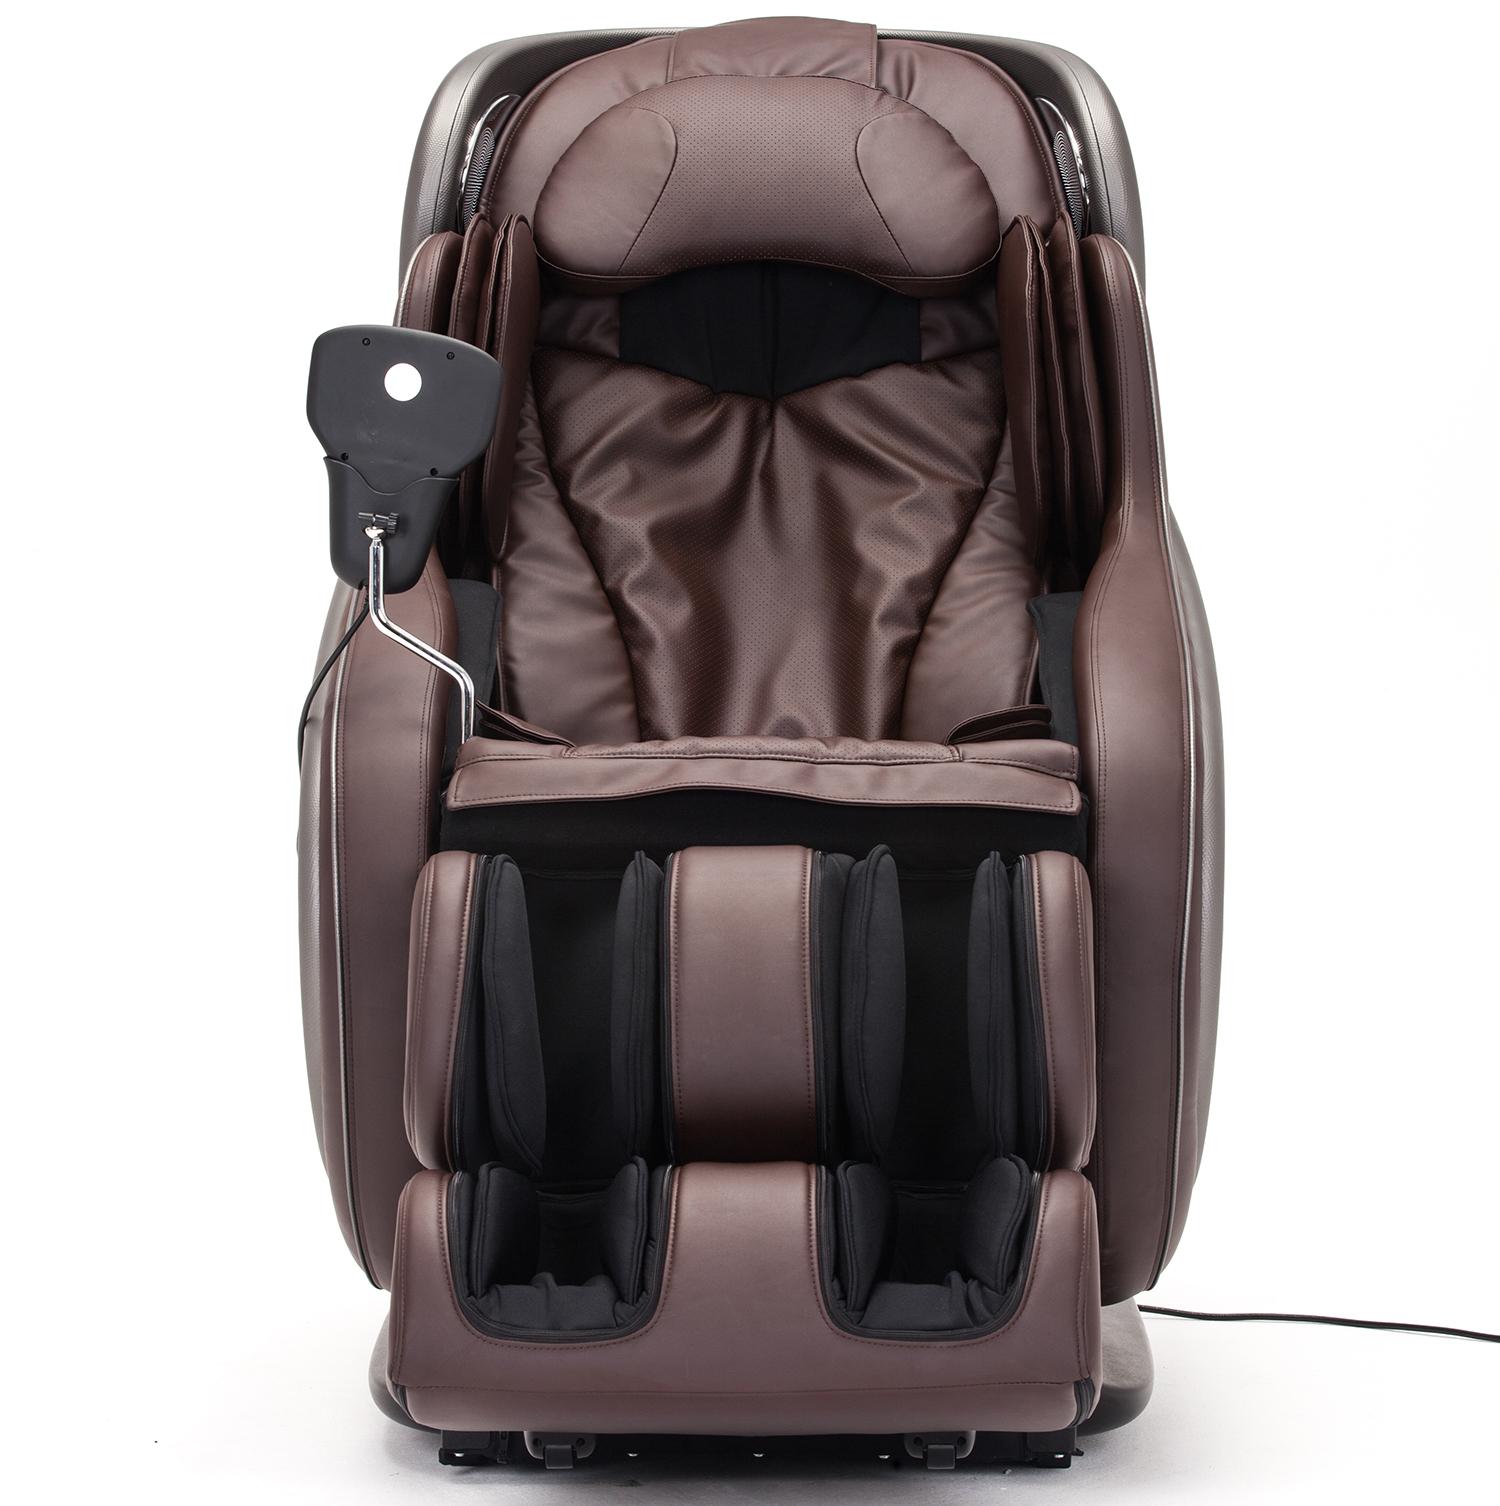 和也特斯拉旋磁推拿椅尊享版